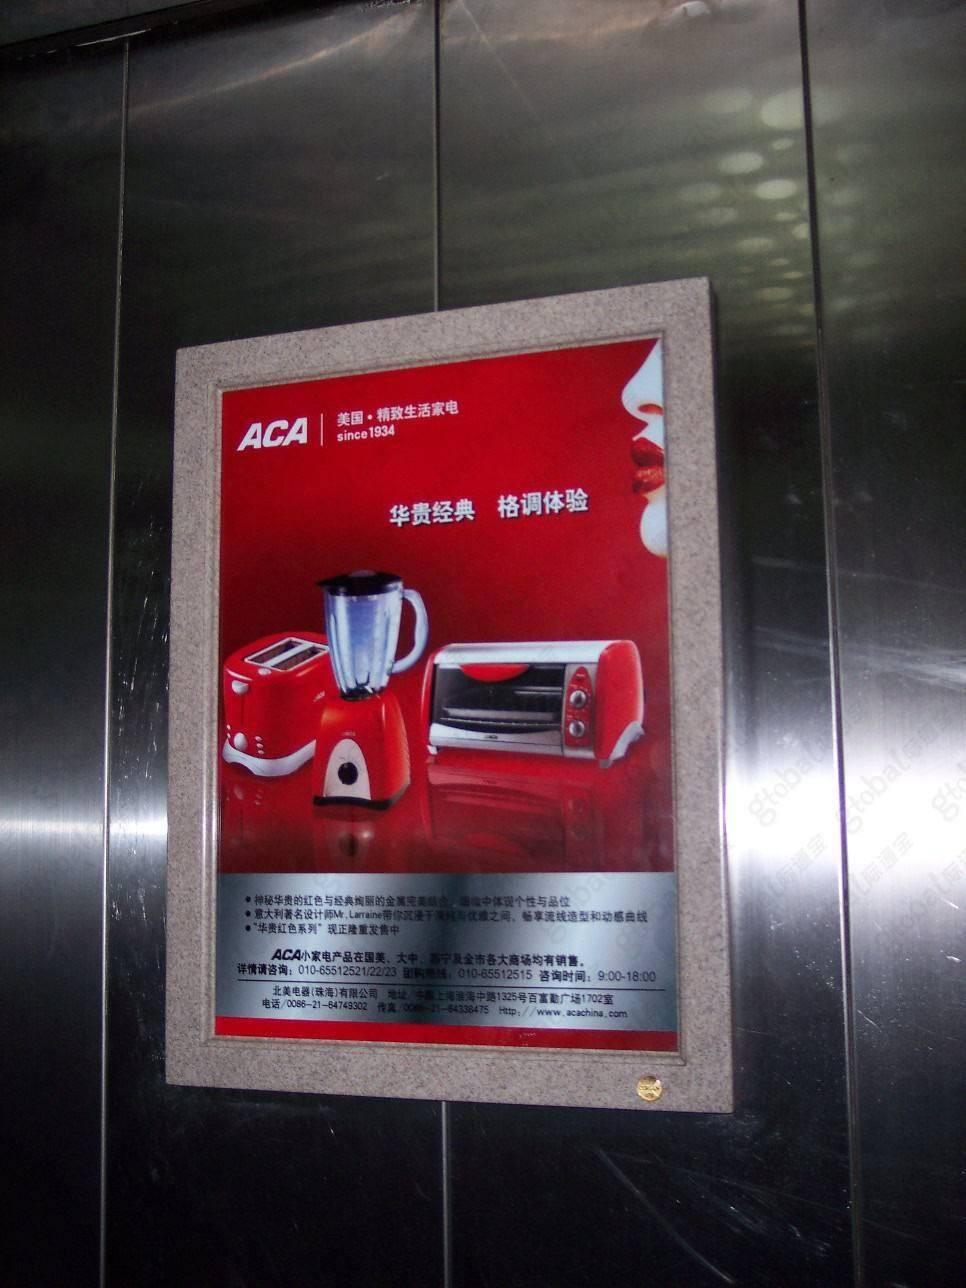 嘉兴电梯广告公司广告牌框架3.0投放(100框起投)